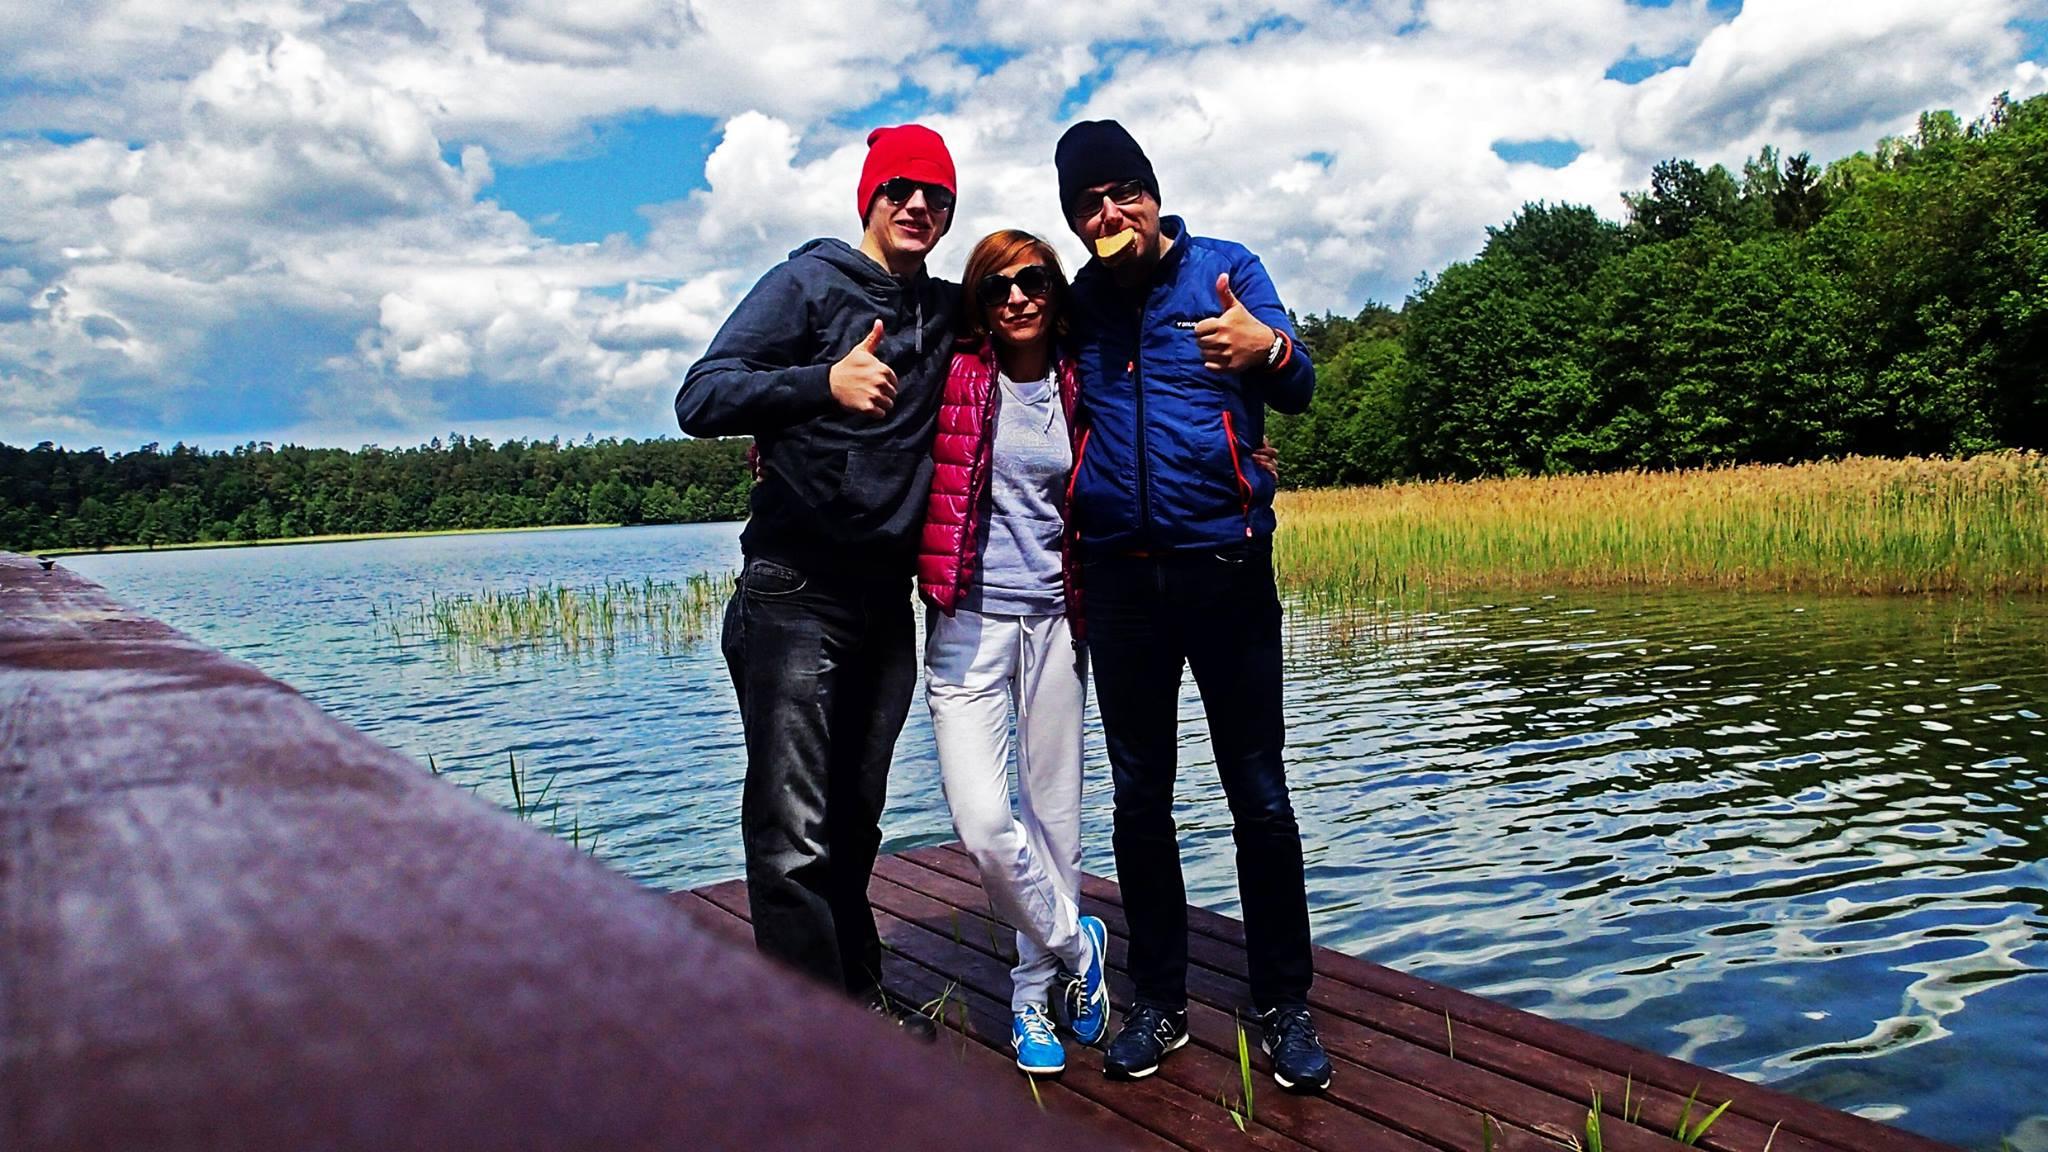 Przełamywanie strachu przed wodą i start w Triathlonie. Audycja w Radiu Gdańsk (27.07.2014r.) z udziałem Aldony i Marcina Dybuk oraz Dawid Dobroczka.